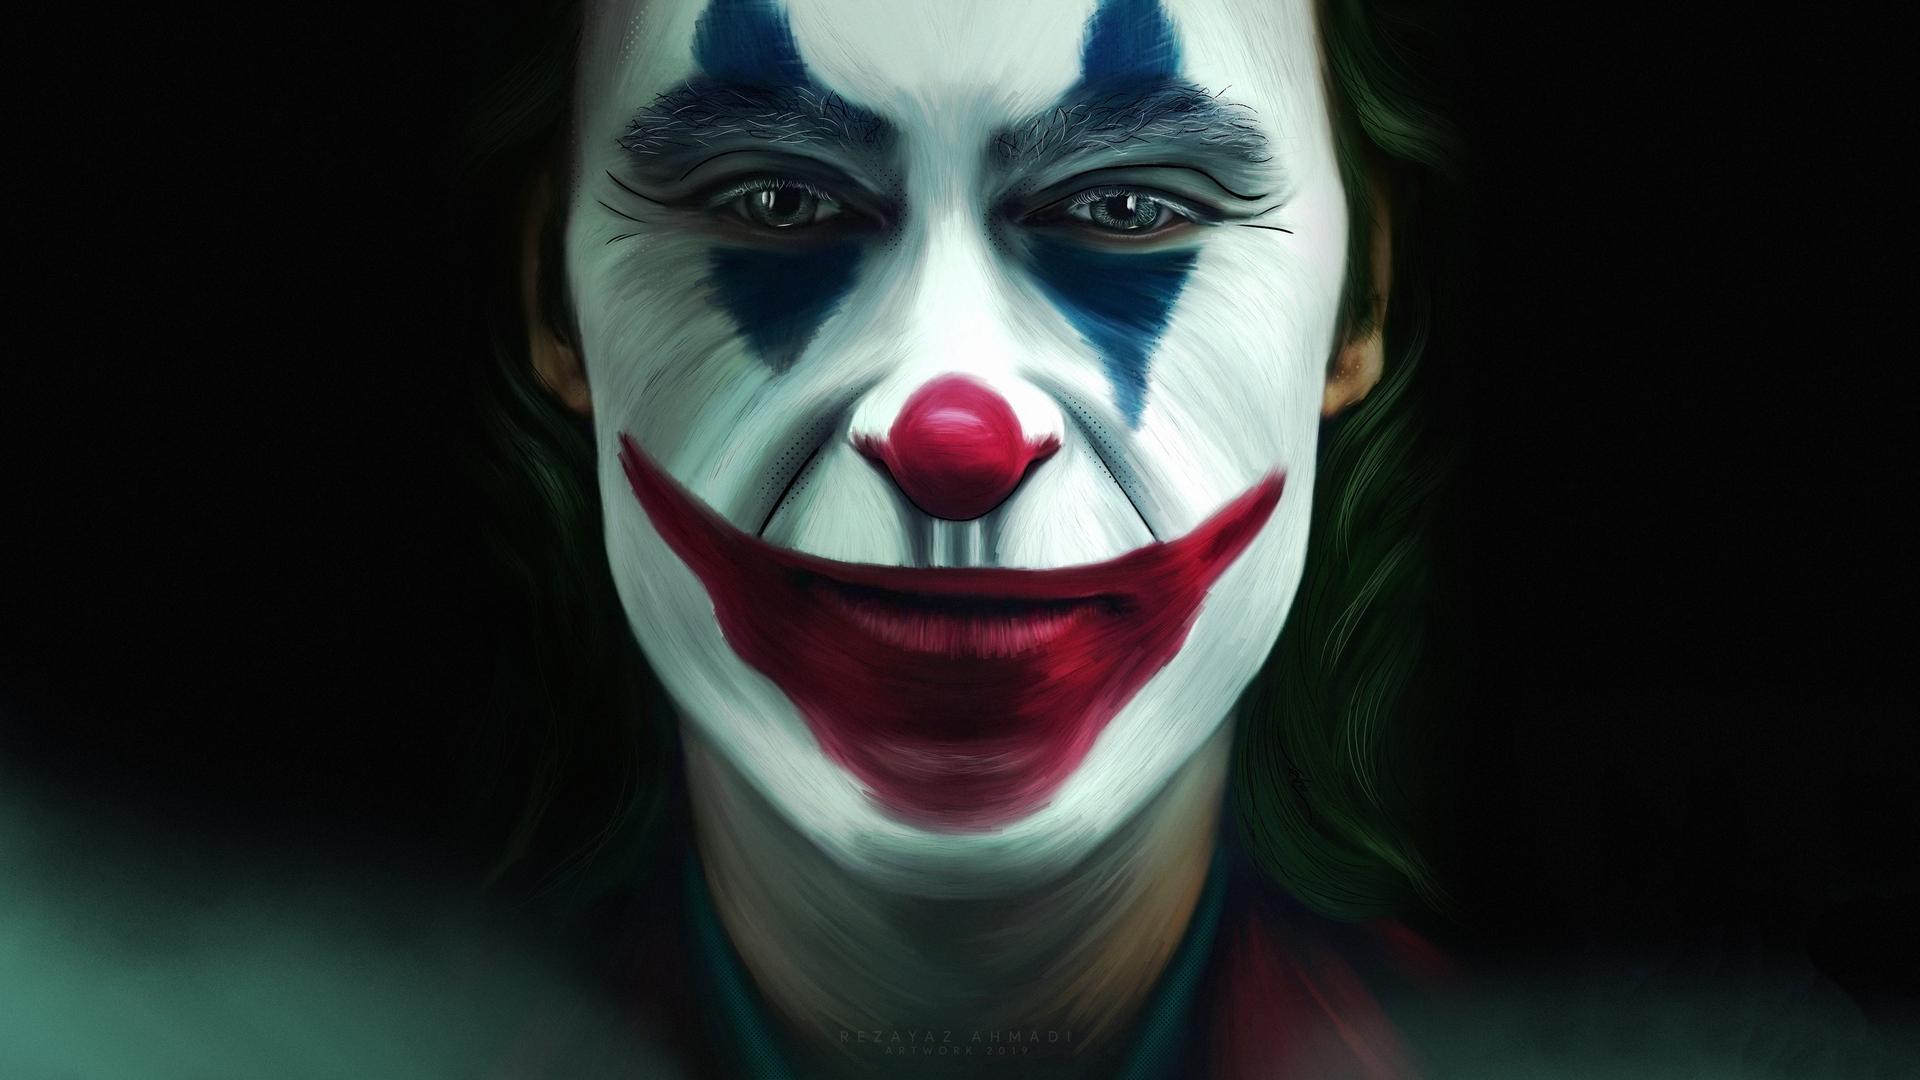 1920x1080 Joker Face Makeup Laptop Full HD 1080P HD 4k ...